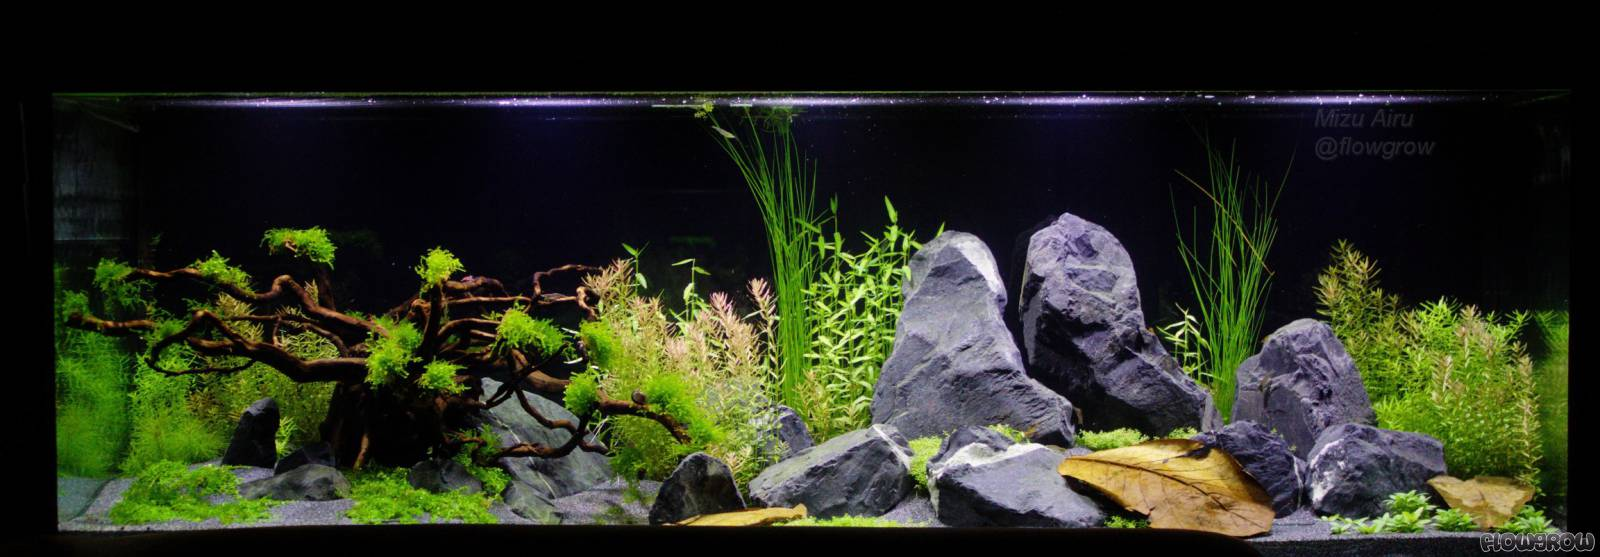 hard rock heaven flowgrow aquascape aquarien datenbank. Black Bedroom Furniture Sets. Home Design Ideas